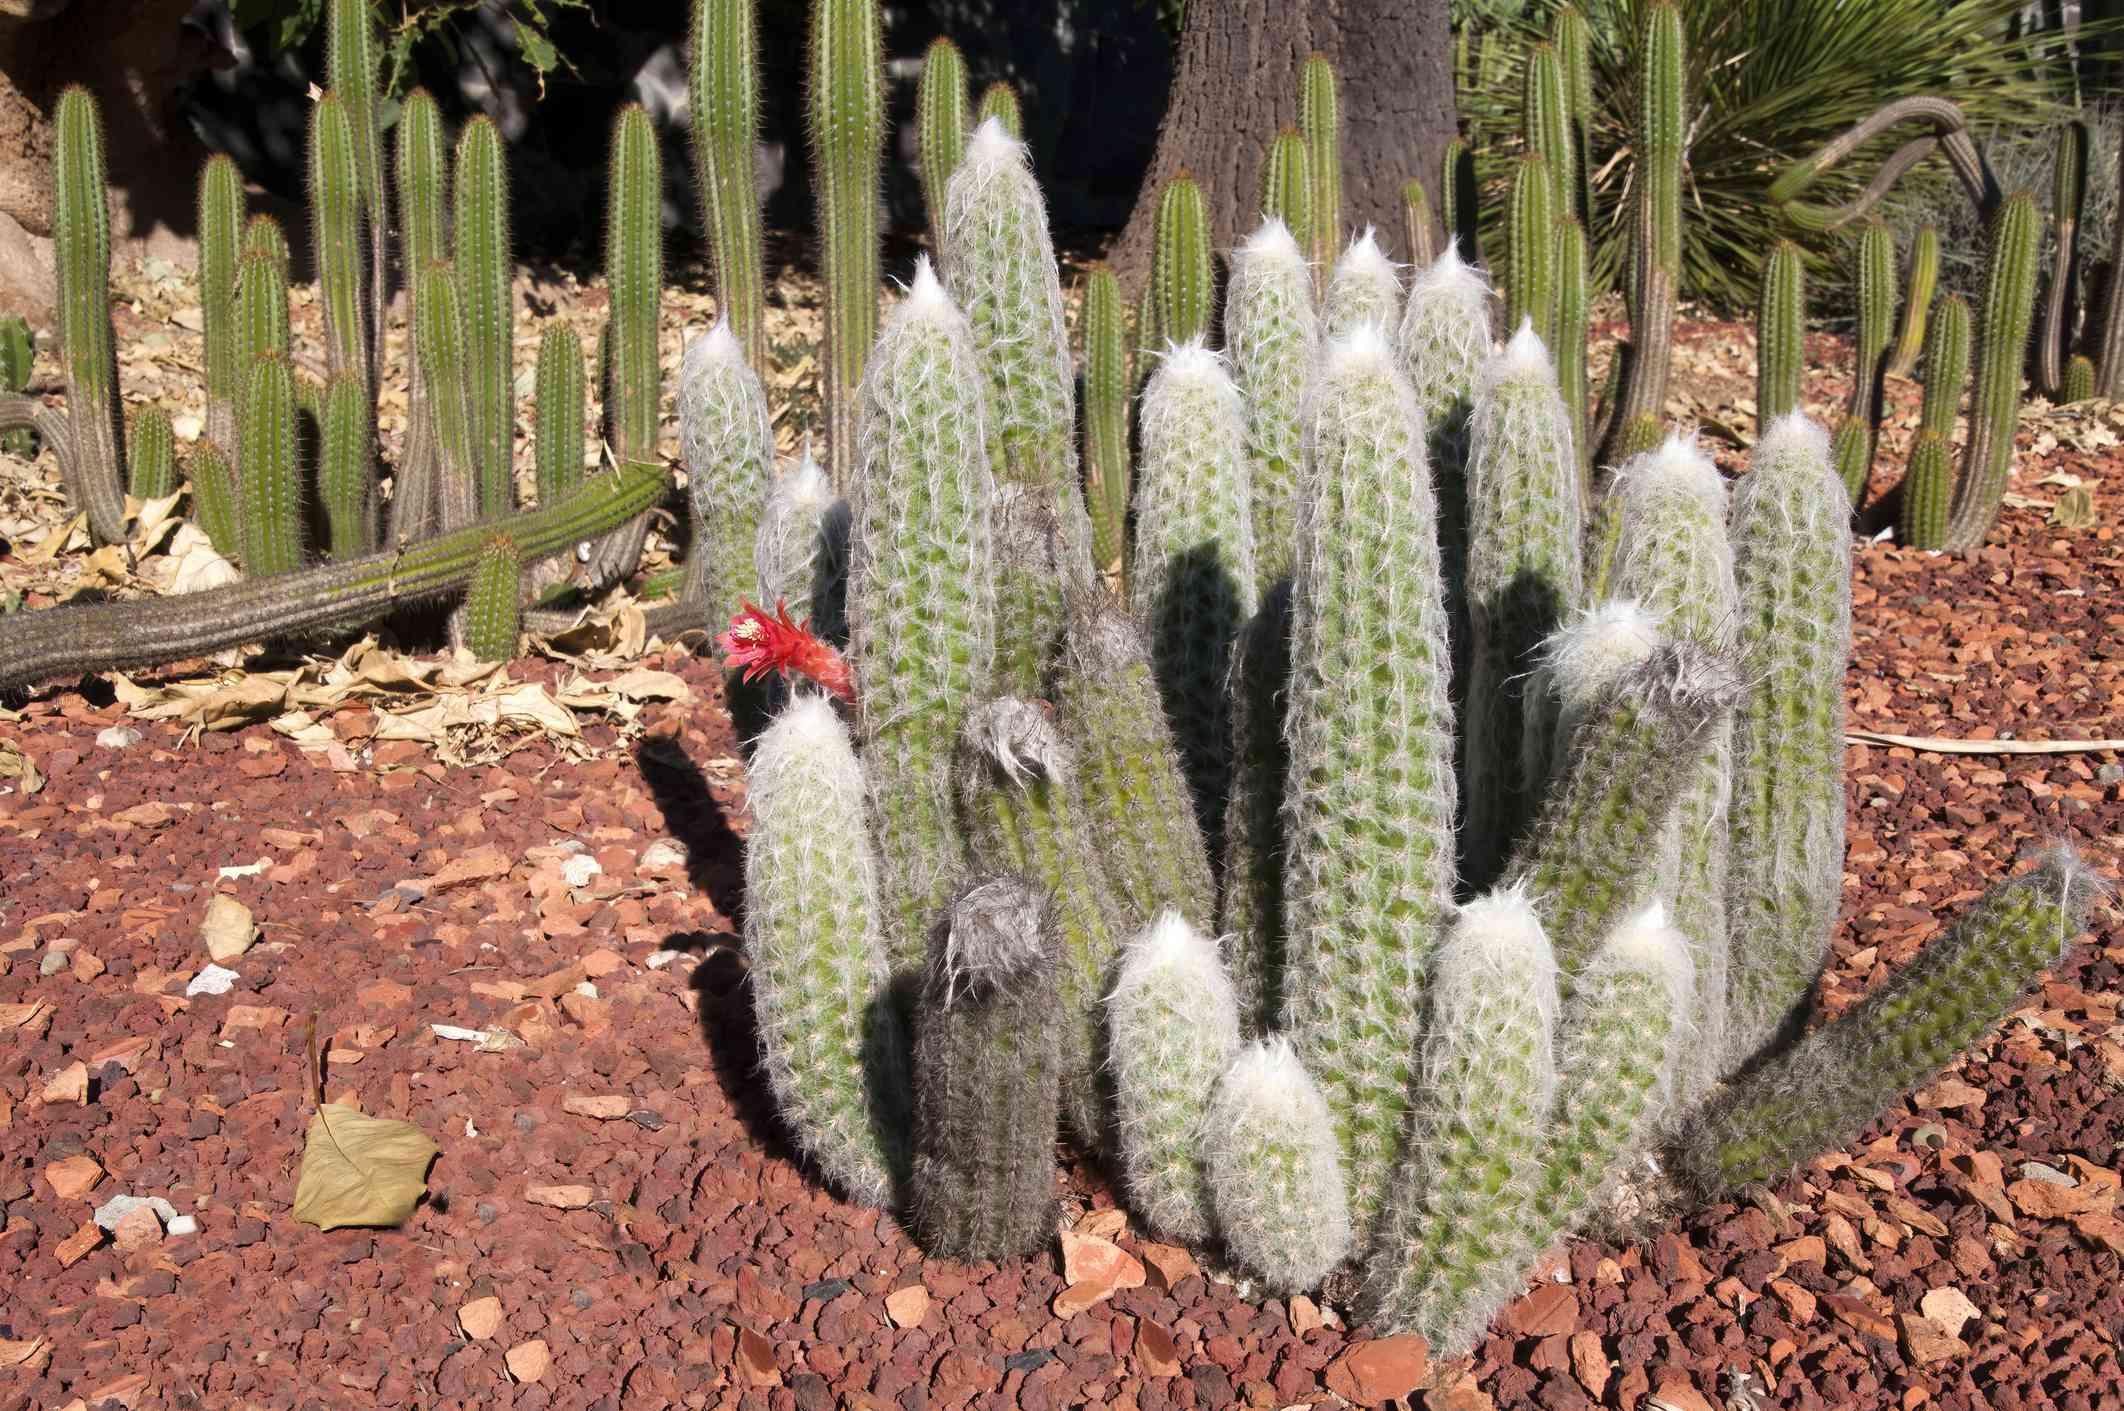 Flowering touch cactus in garden